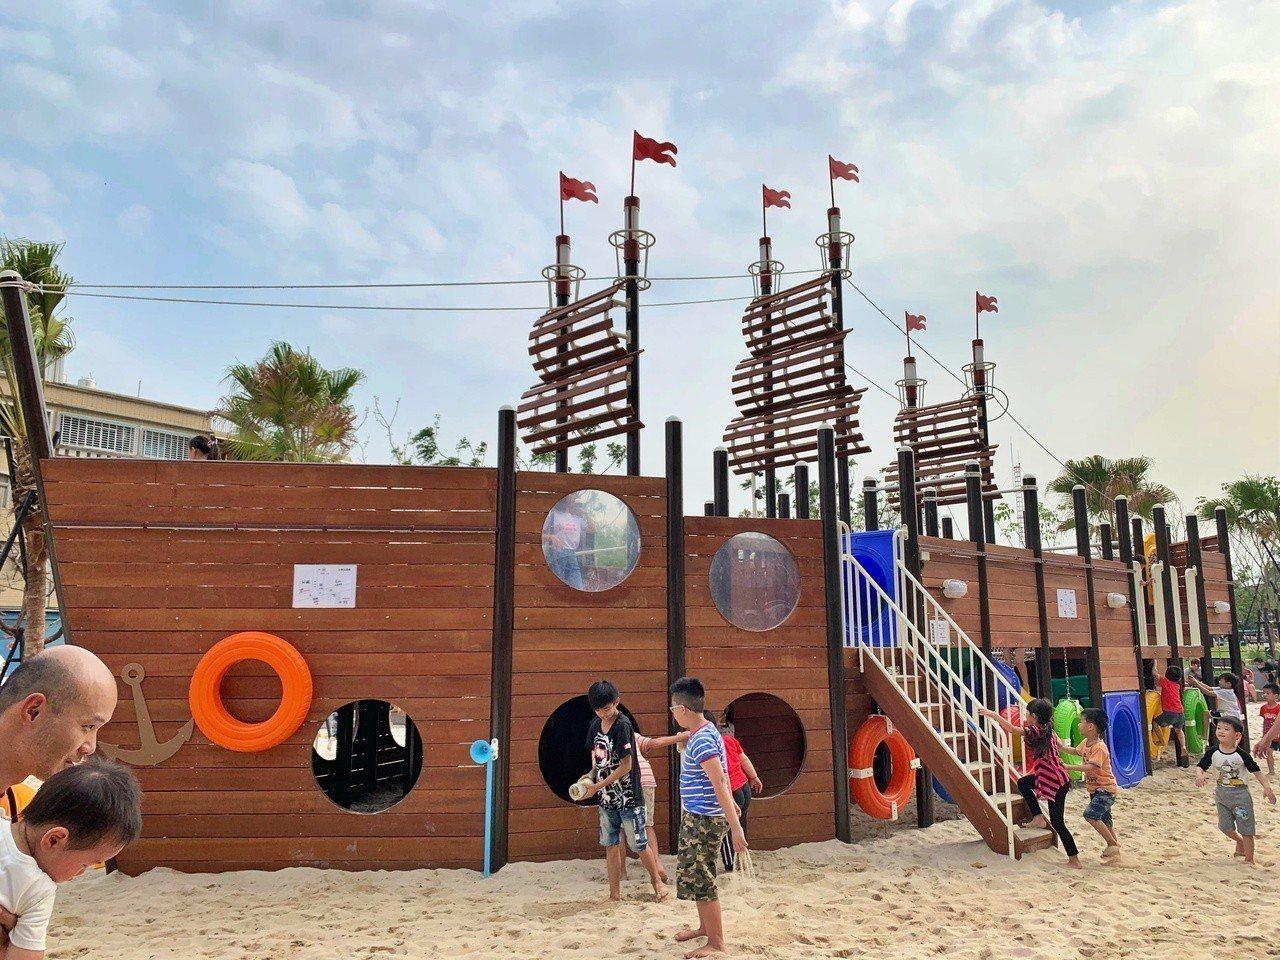 屏東市又再增加新的親子景點永大公園,內有超大海盜船,上頭有各種設施提供孩子玩耍。...